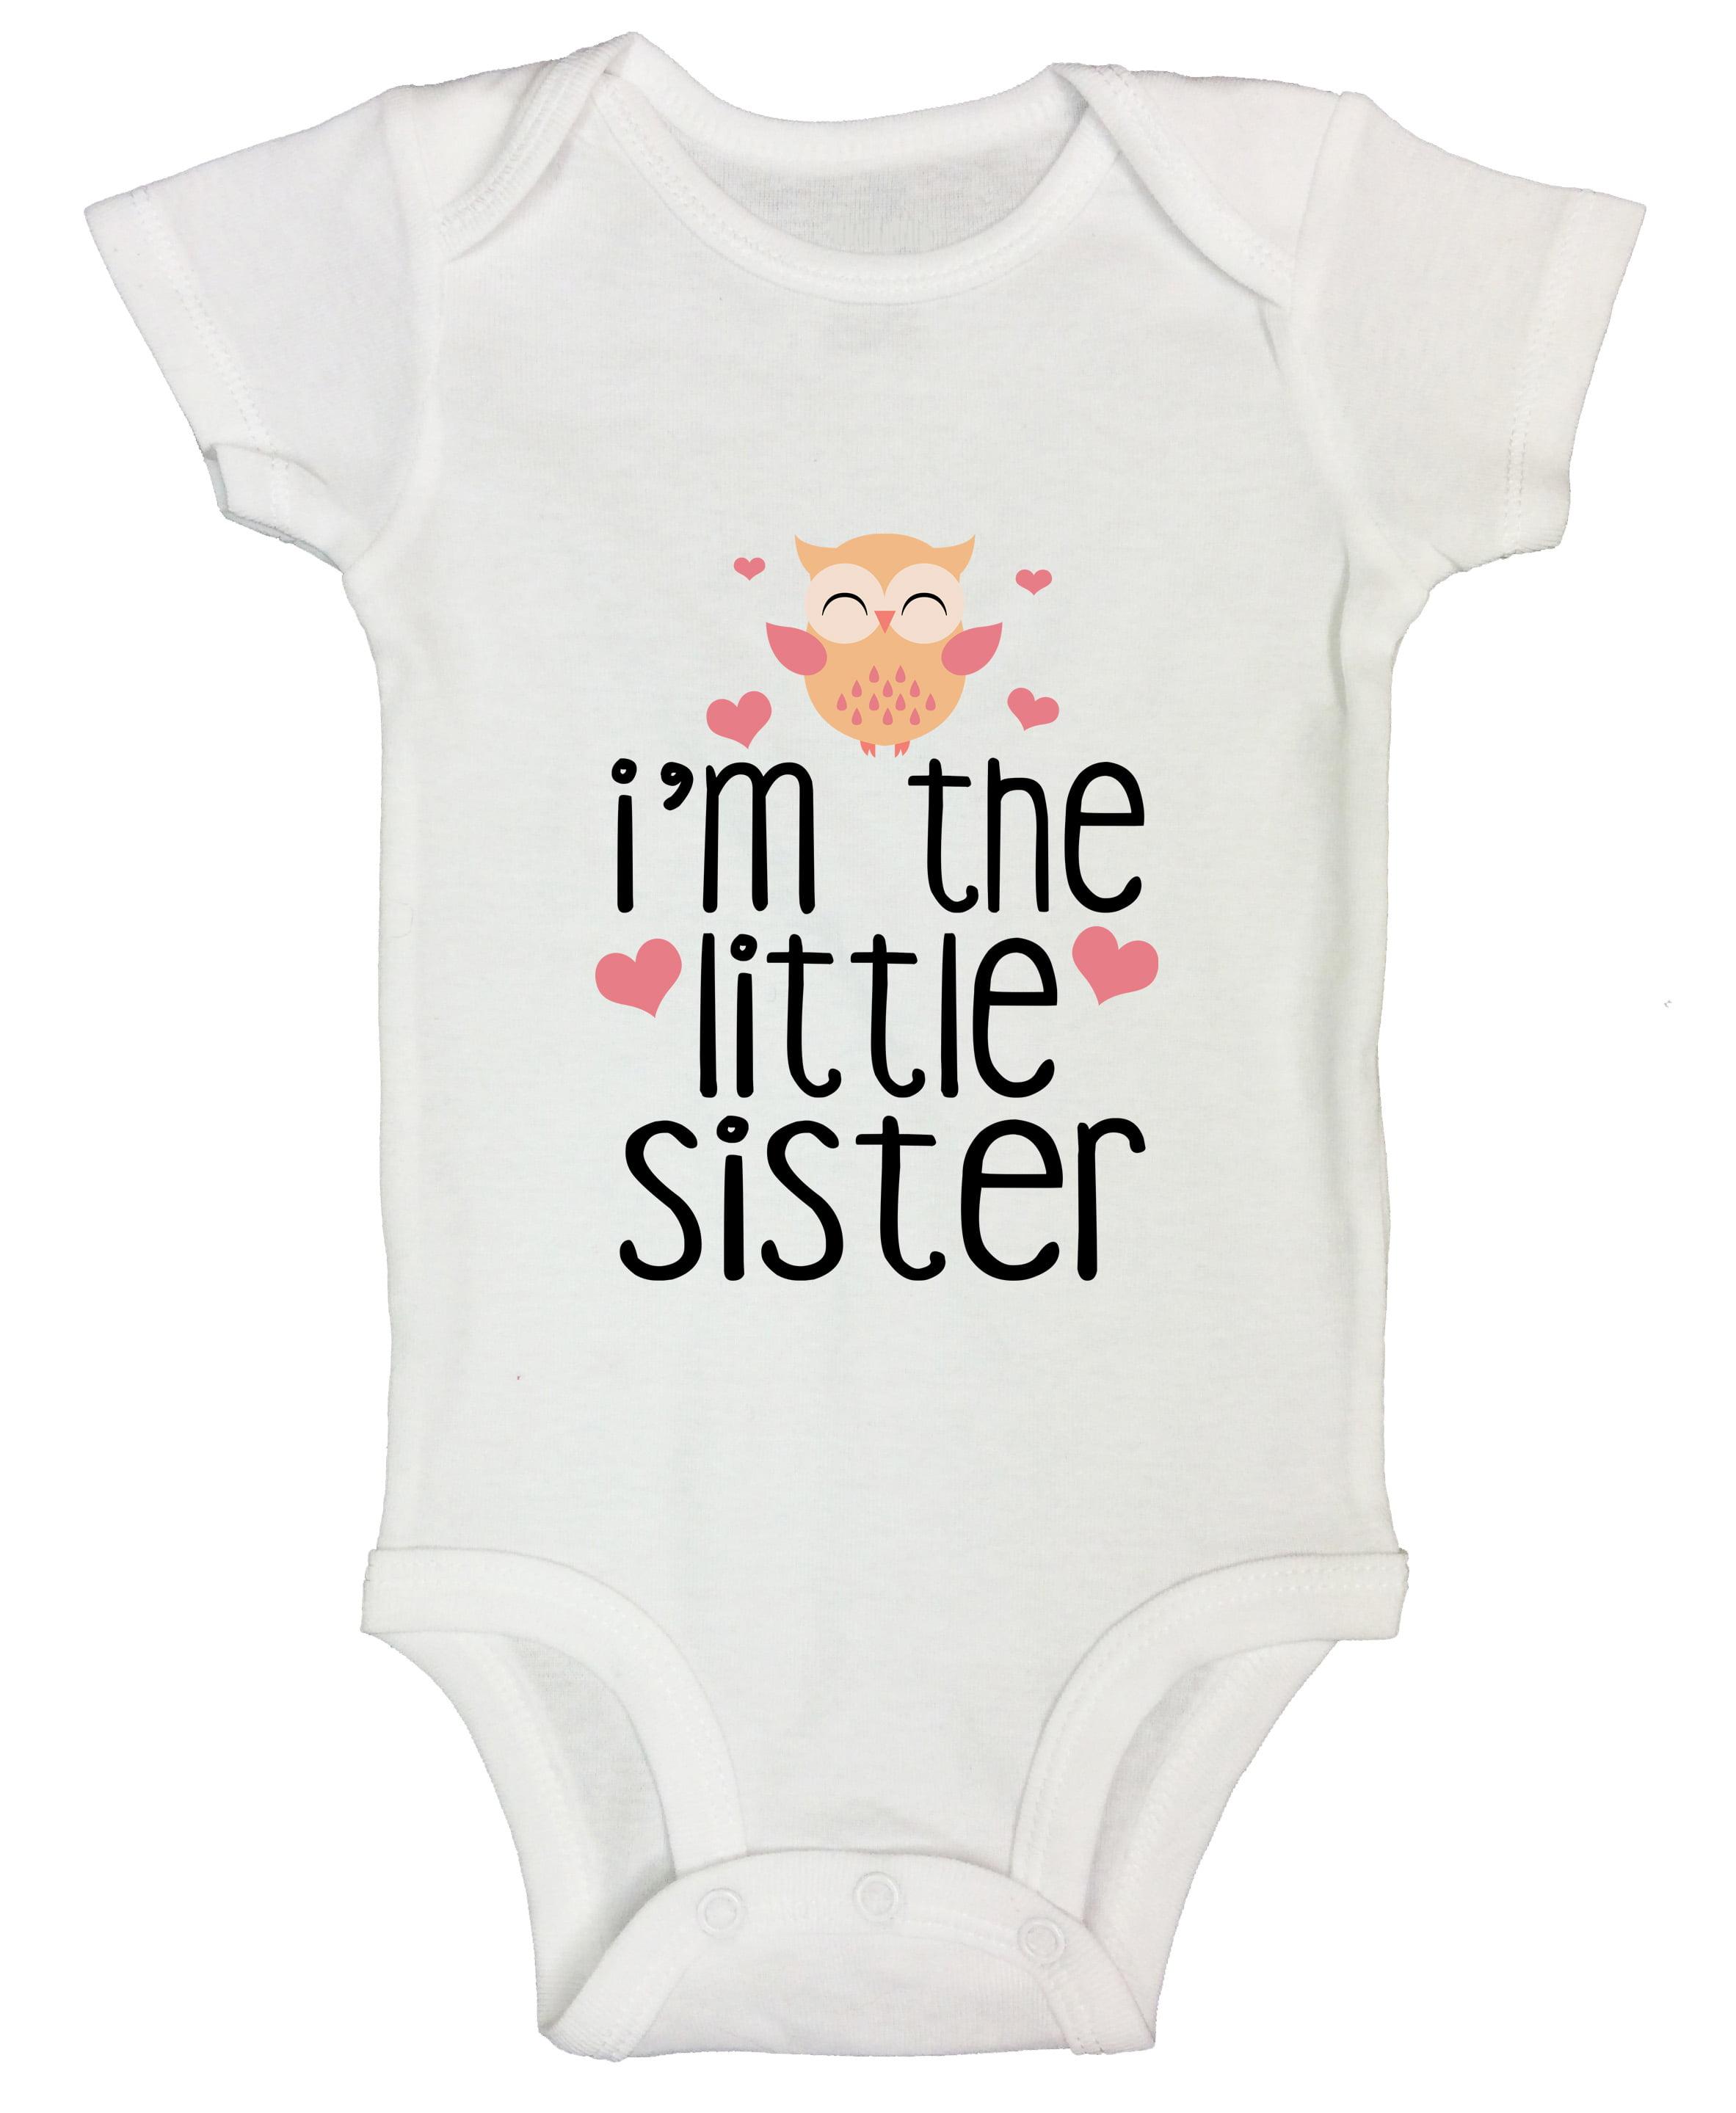 NEW Carter/'s Girls Little Sister White Short Sleeve Bodysuit Top 9 18m 24m Cute